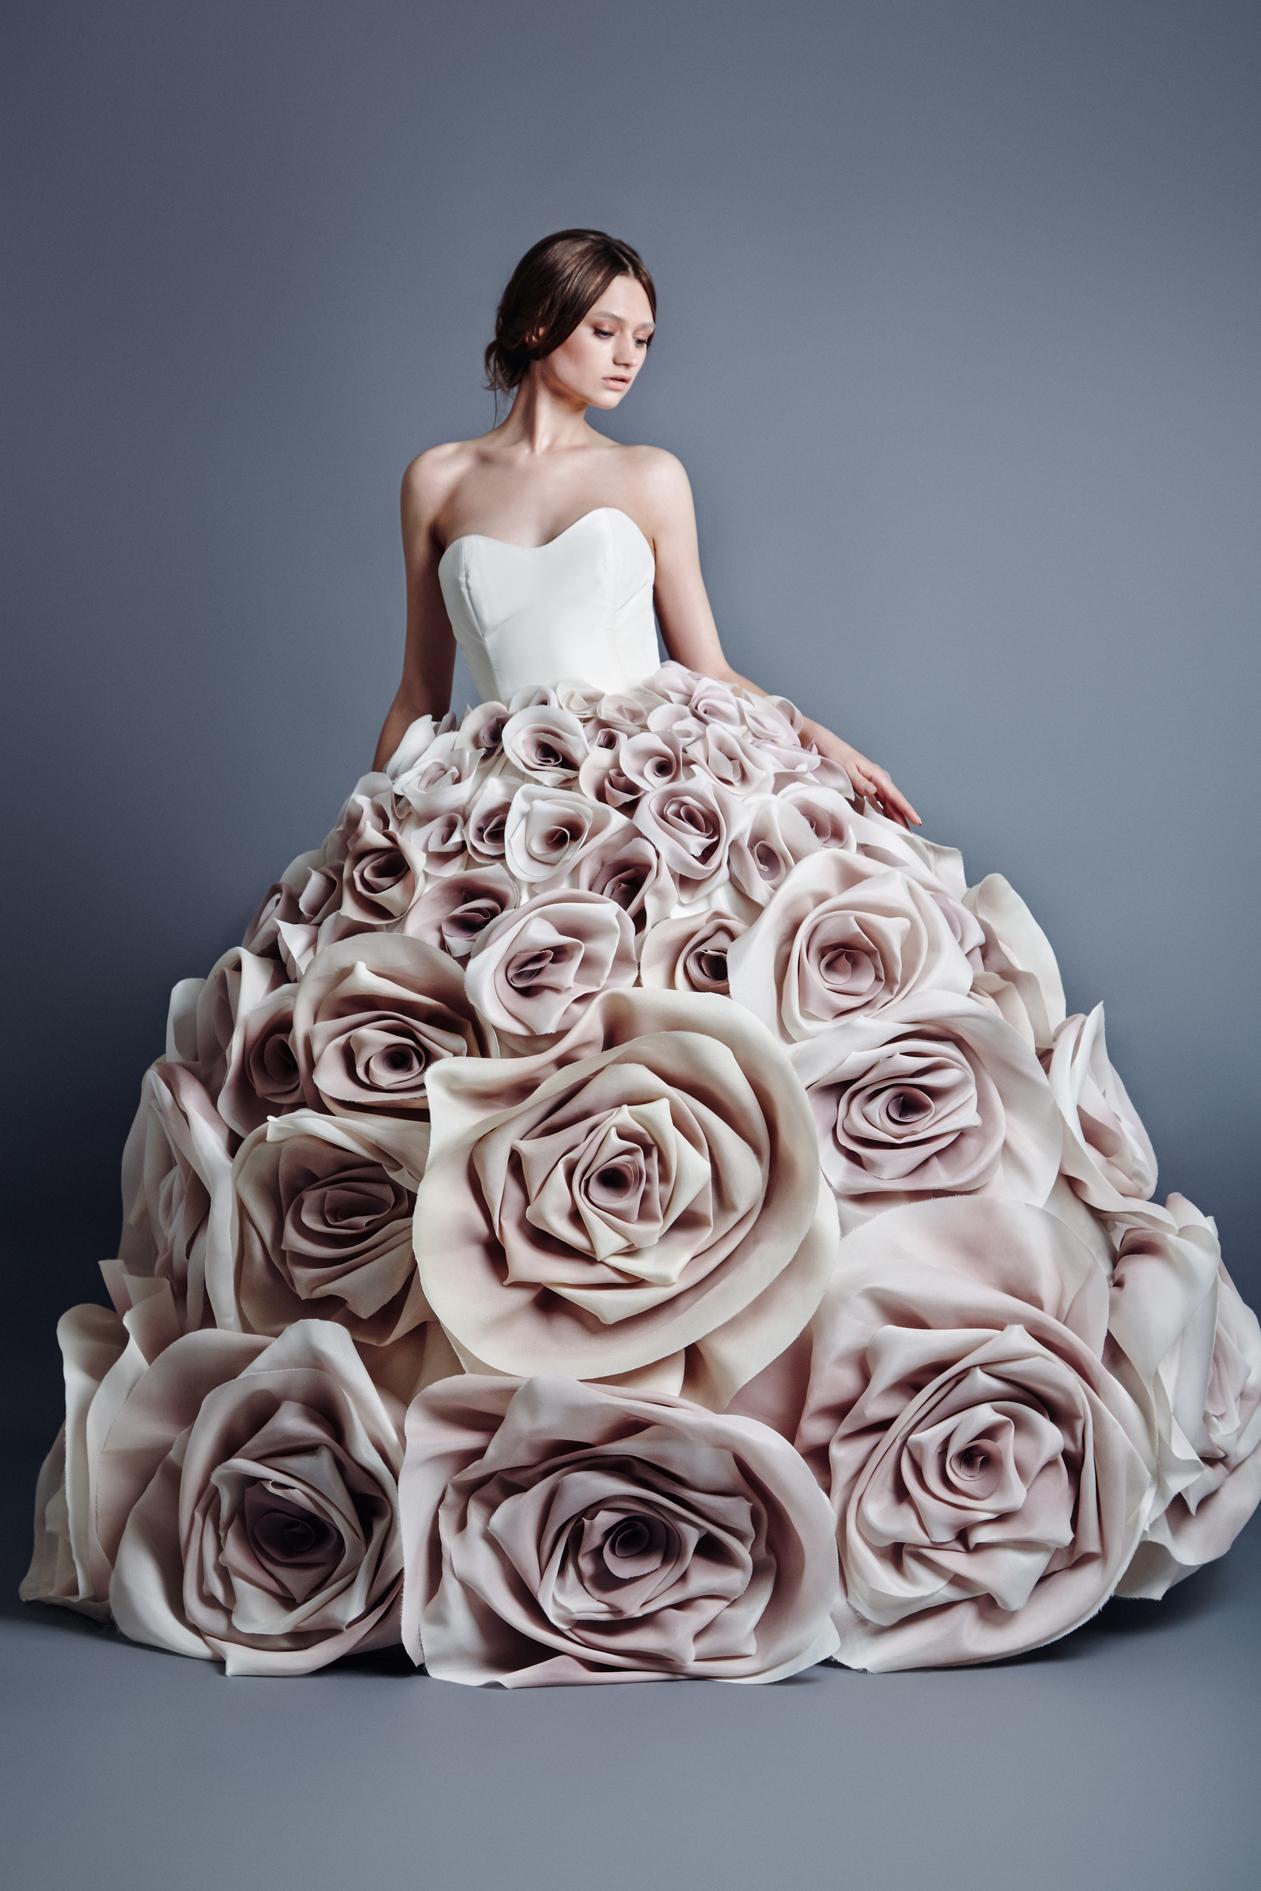 Flower inspired dress